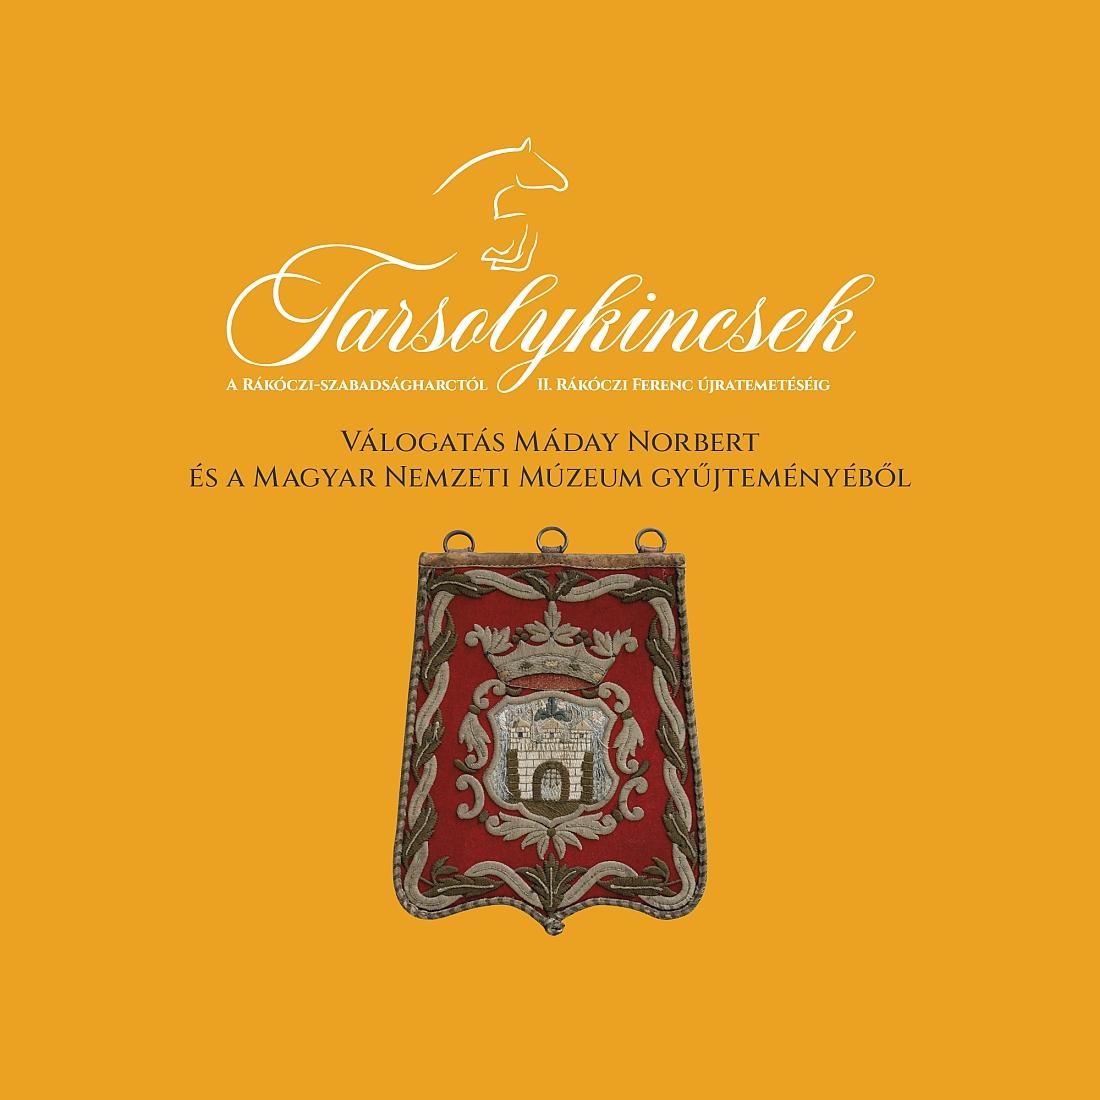 Tarsolykincsek a  Rákóczi-szabadságharctól II. Rákóczi Ferenc újratemetéséig